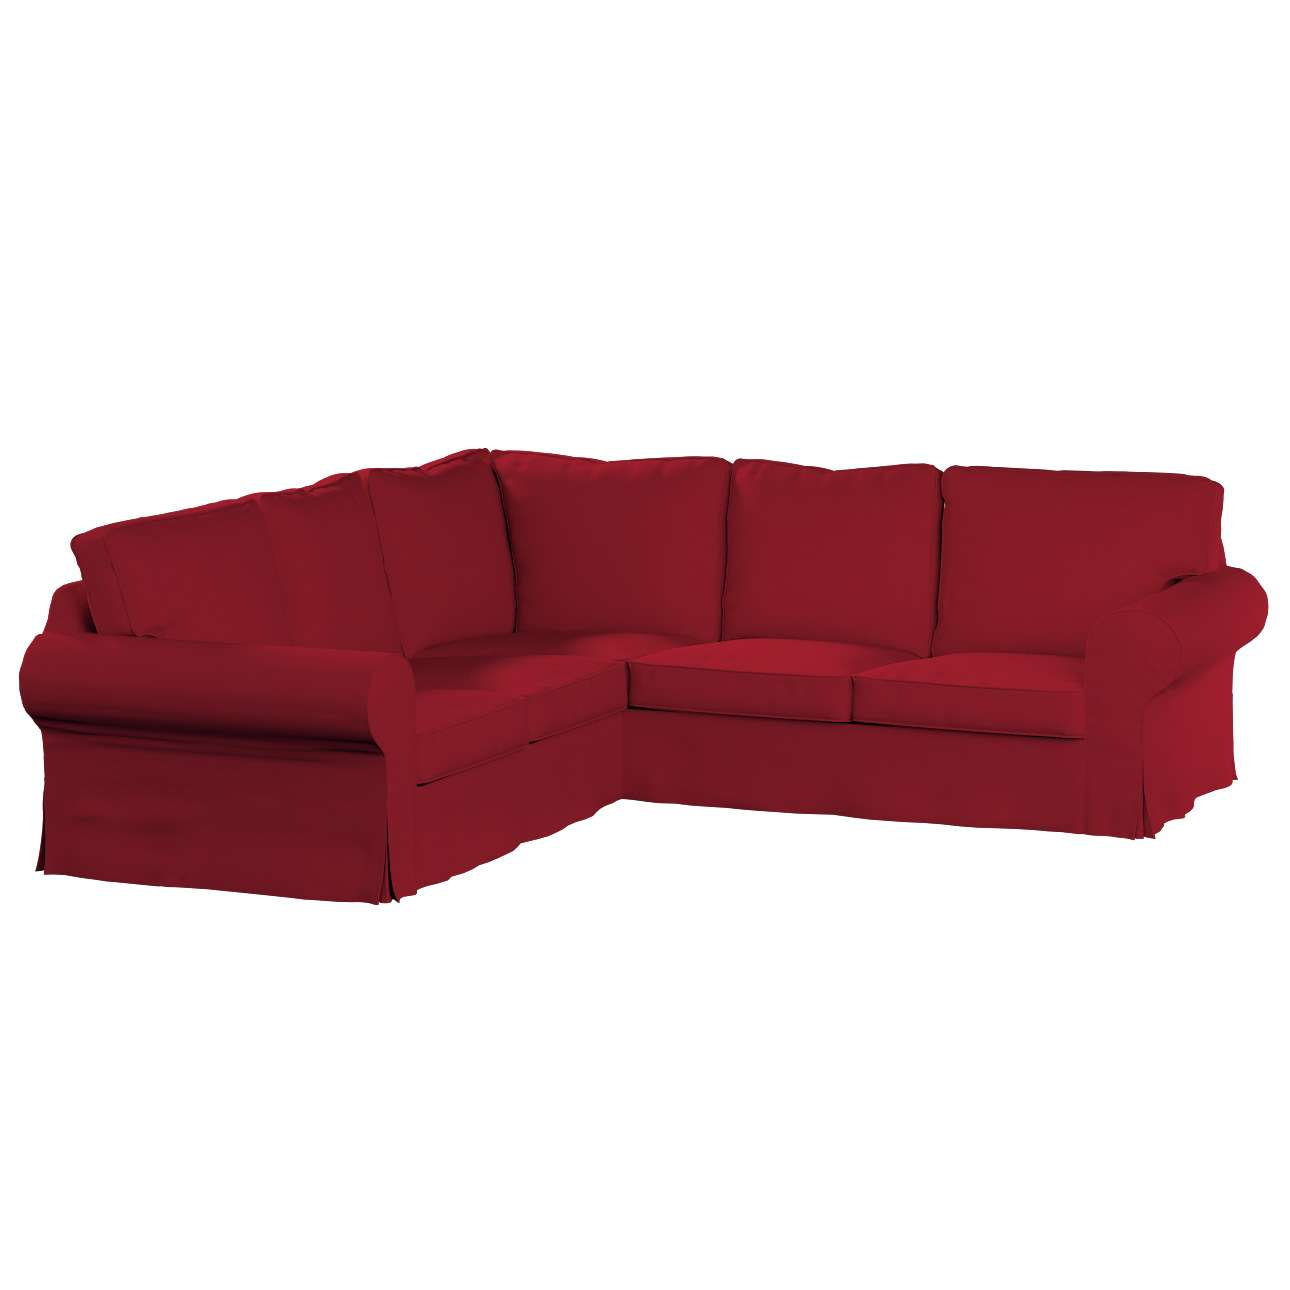 Pokrowiec na sofę Ektorp narożną Sofa Ektorp narożna w kolekcji Chenille, tkanina: 702-24